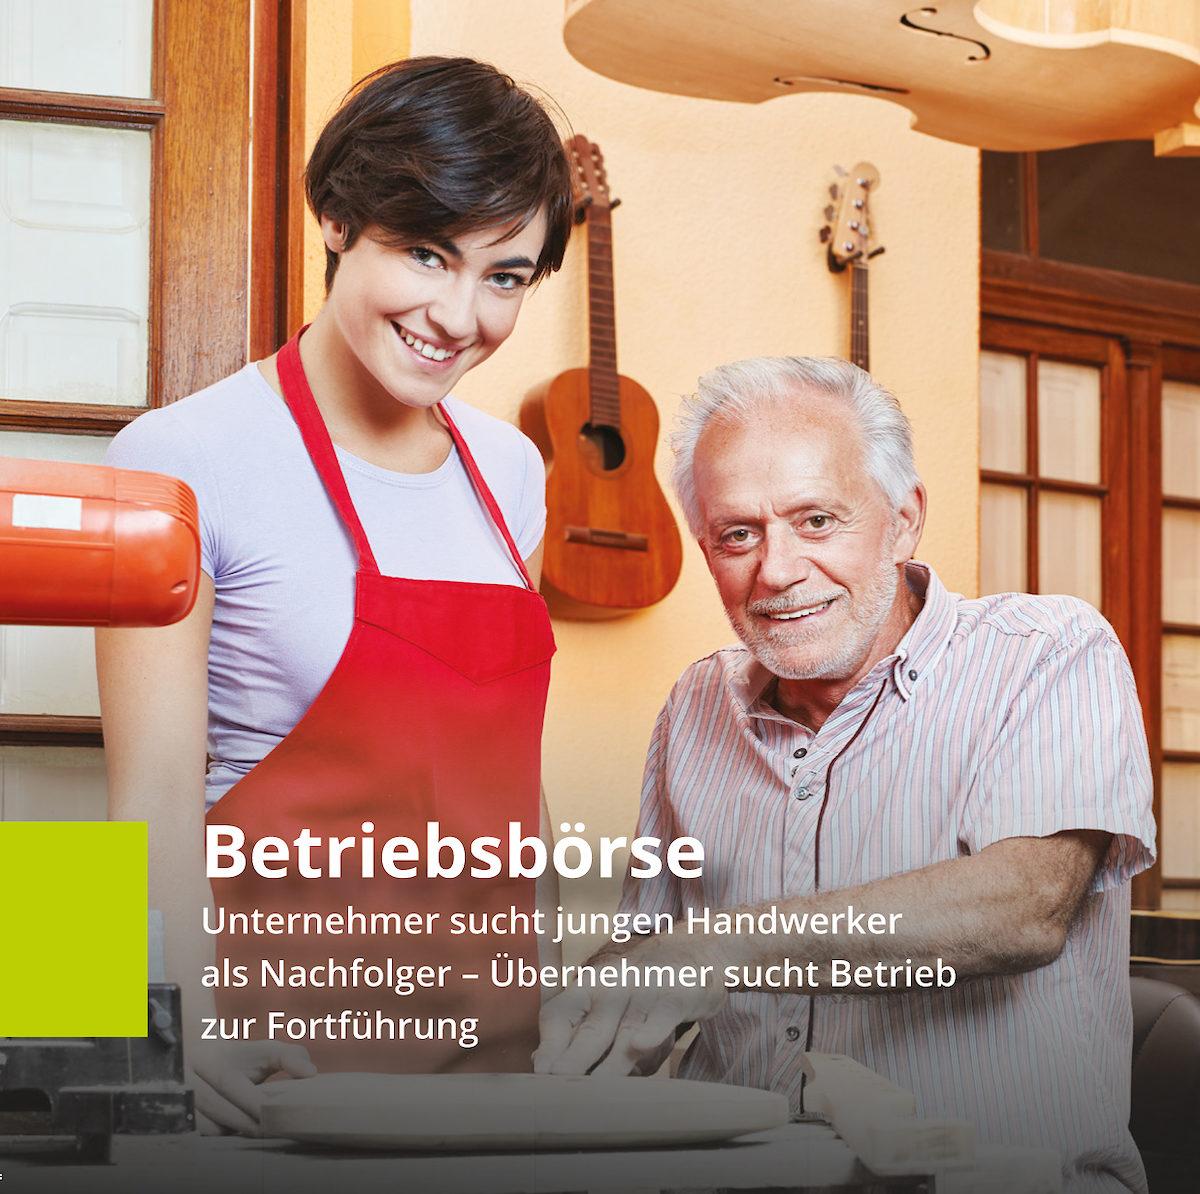 Partnersuche niederbayern